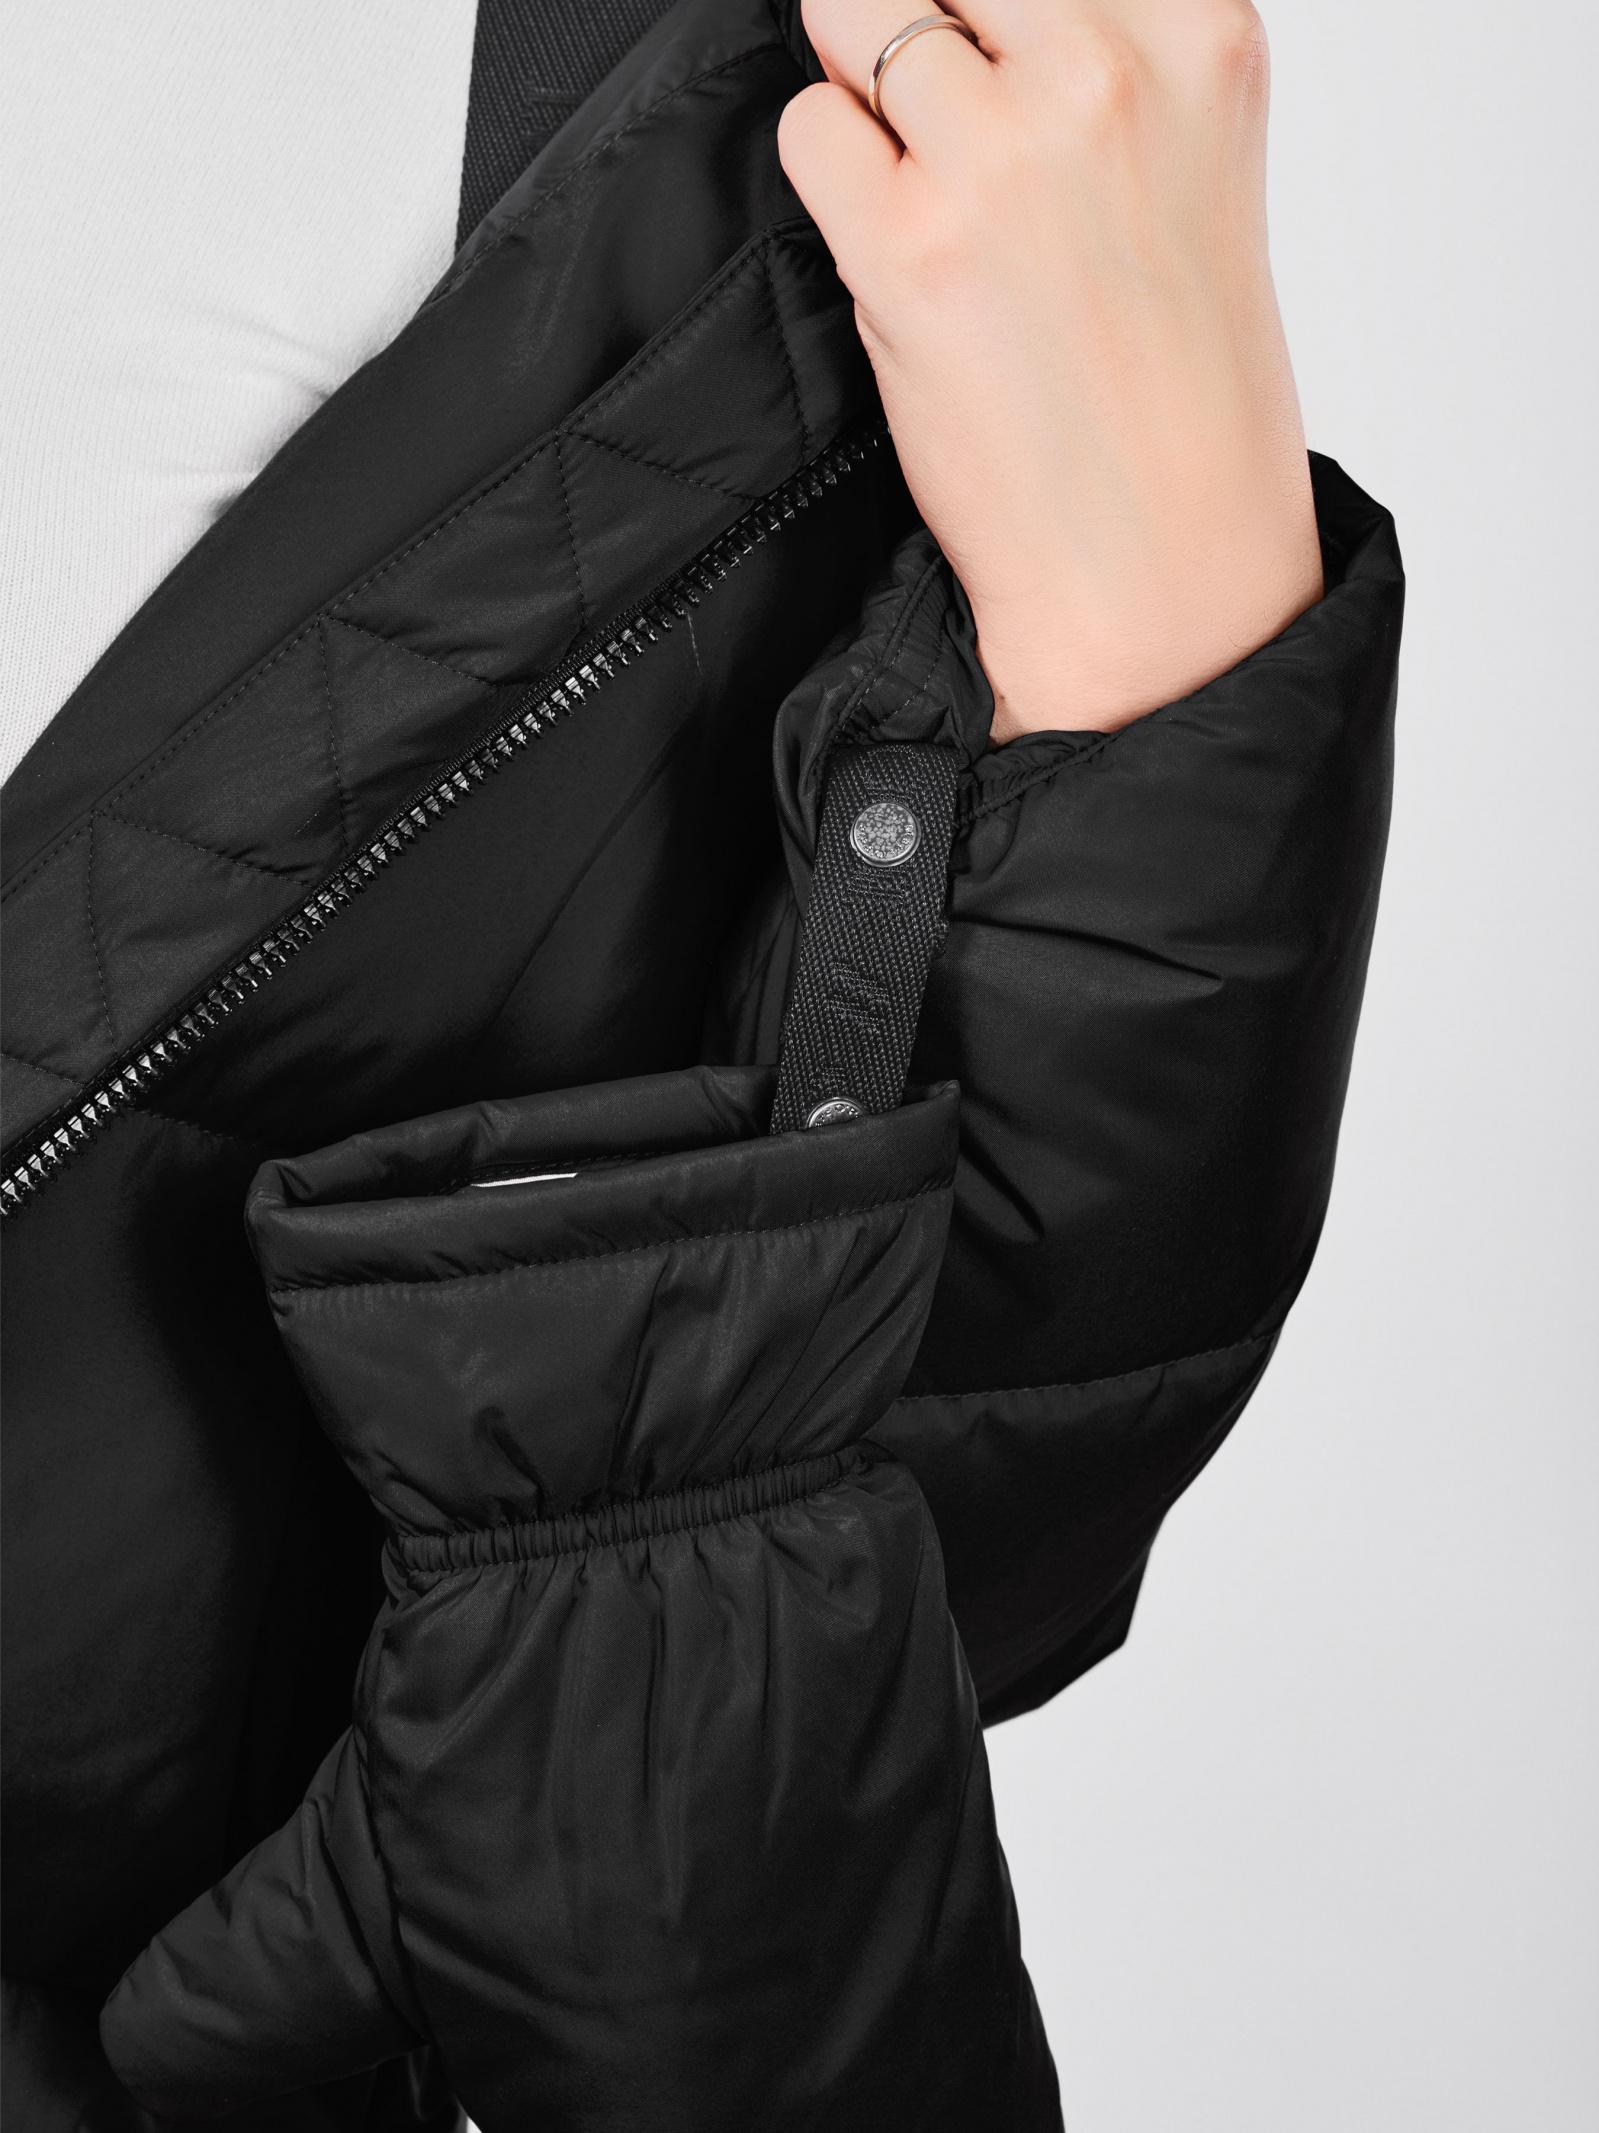 Куртка женские MARC O'POLO модель PD684 отзывы, 2017